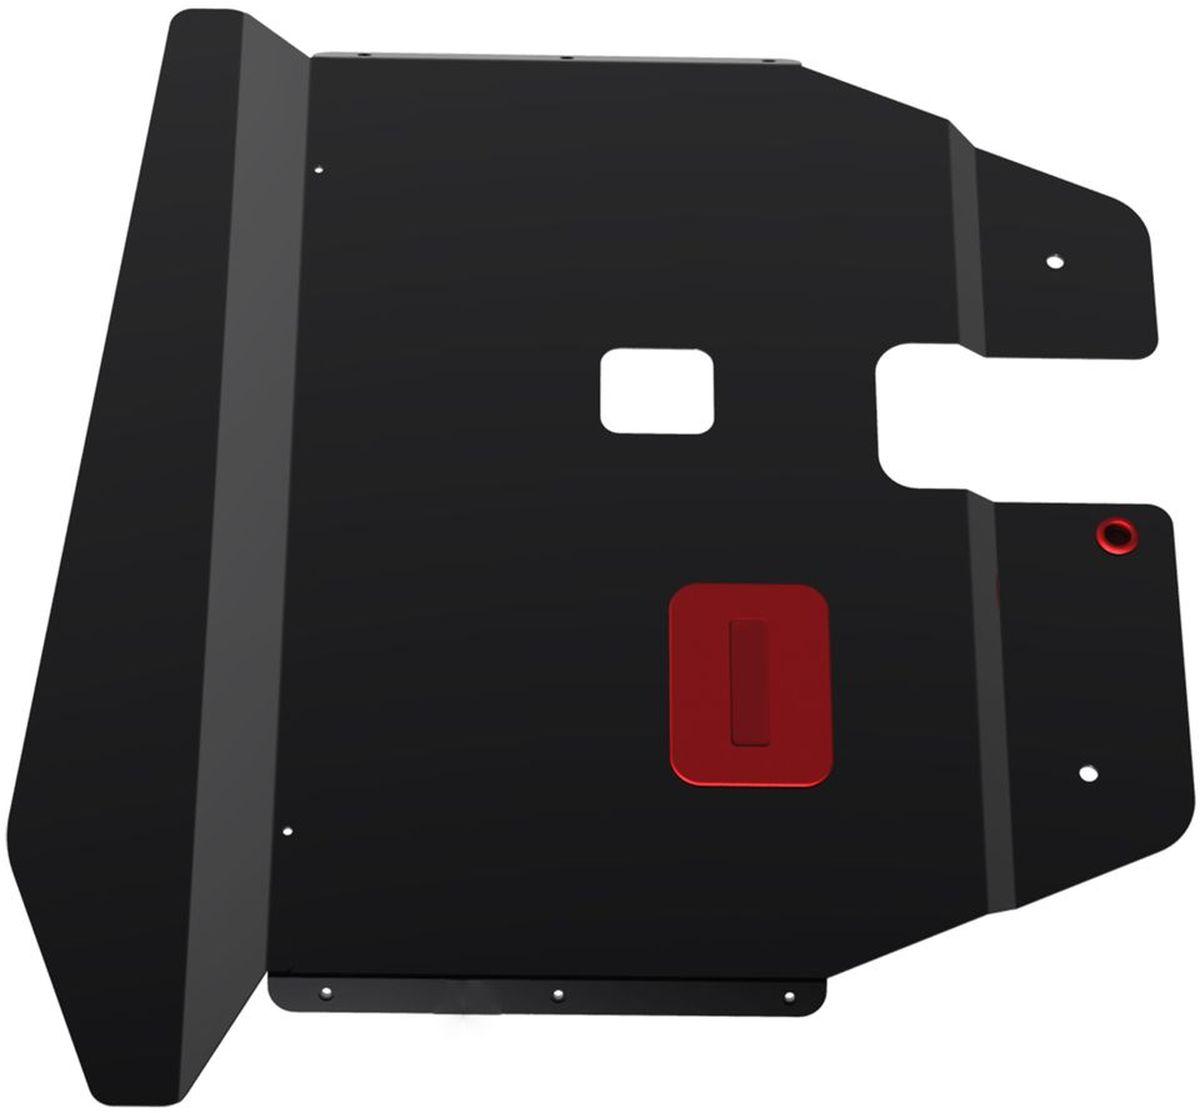 Защита картера и КПП Автоброня, для Volkswagen Sharan. 111.05822.1111.05822.1Технологически совершенный продукт за невысокую стоимость. Защита разработана с учетом особенностей днища автомобиля, что позволяет сохранить дорожный просвет с минимальным изменением. Защита устанавливается в штатные места кузова автомобиля. Глубокий штамп обеспечивает до двух раз больше жесткости в сравнении с обычной защитой той же толщины. Проштампованные ребра жесткости препятствуют деформации защиты при ударах. Тепловой зазор и вентиляционные отверстия обеспечивают сохранение температурного режима двигателя в норме. Скрытый крепеж предотвращает срыв крепежных элементов при наезде на препятствие. Шумопоглощающие резиновые элементы обеспечивают комфортную езду без вибраций и скрежета металла, а съемные лючки для слива масла и замены фильтра - экономию средств и время. Конструкция изделия не влияет на пассивную безопасность автомобиля (при ударе защита не воздействует на деформационные зоны кузова). Со штатным крепежом. В комплекте инструкция по...